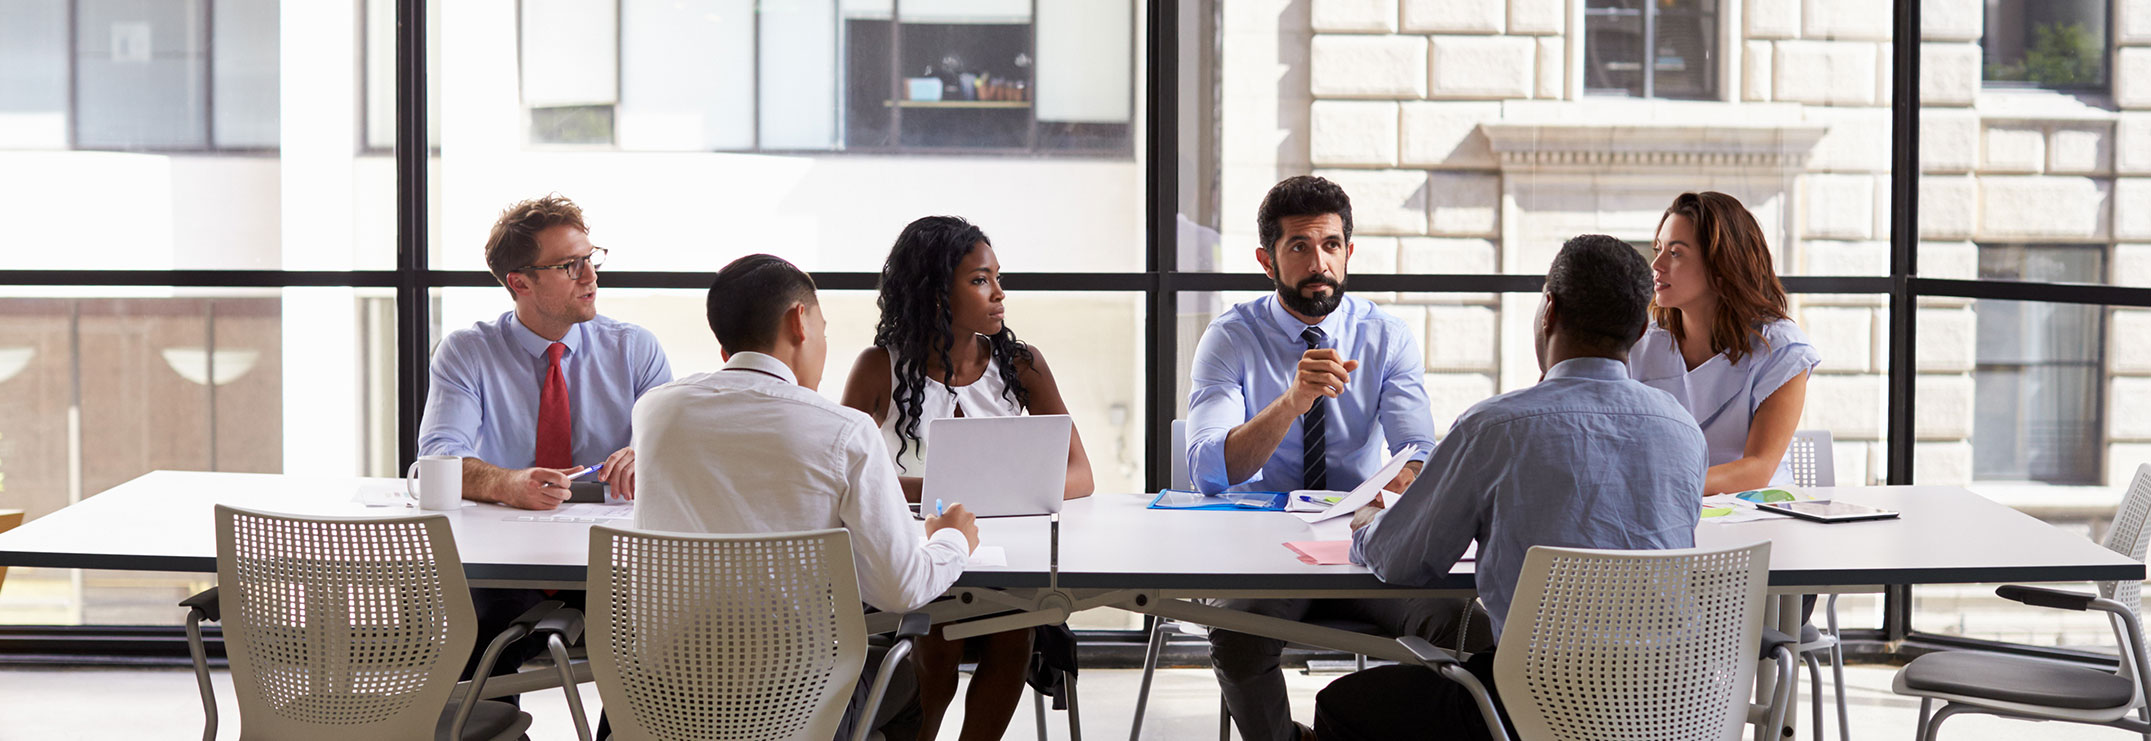 Team brainstorm in meeting room